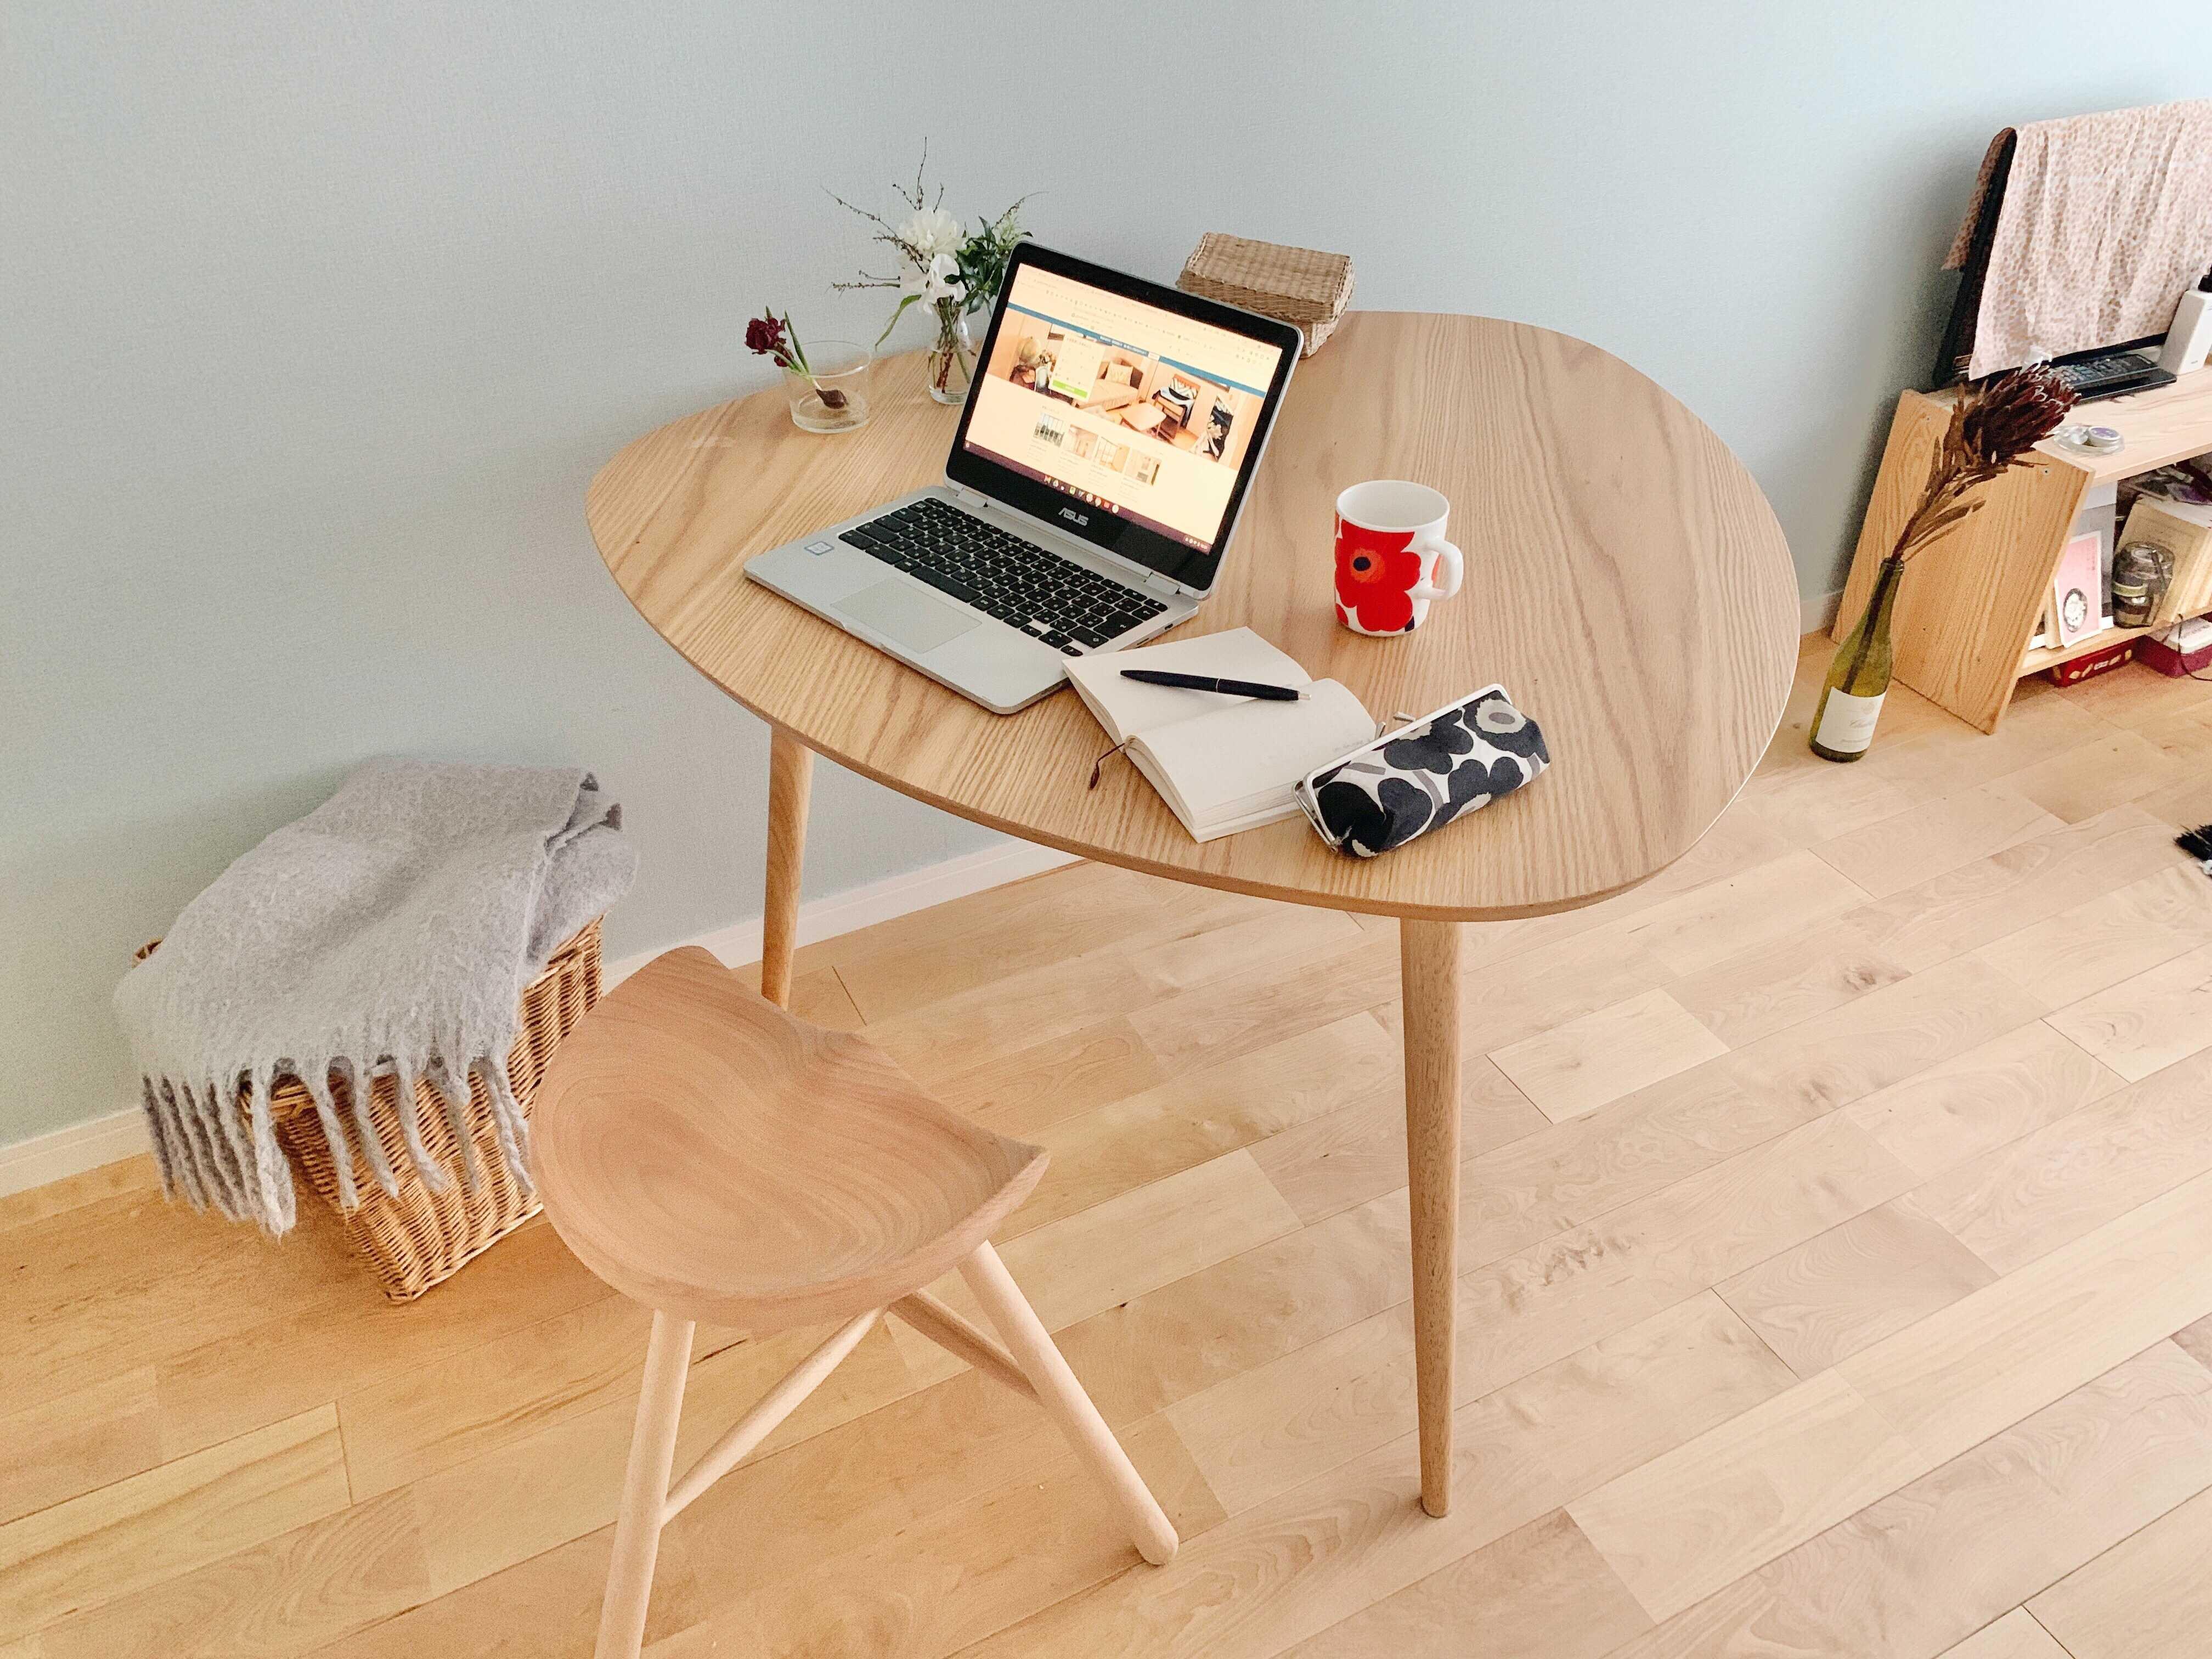 お仕事にもご飯を食べるときにも。NOCEの三角形のダイニングテーブルが一人暮らしにちょうどいいんです